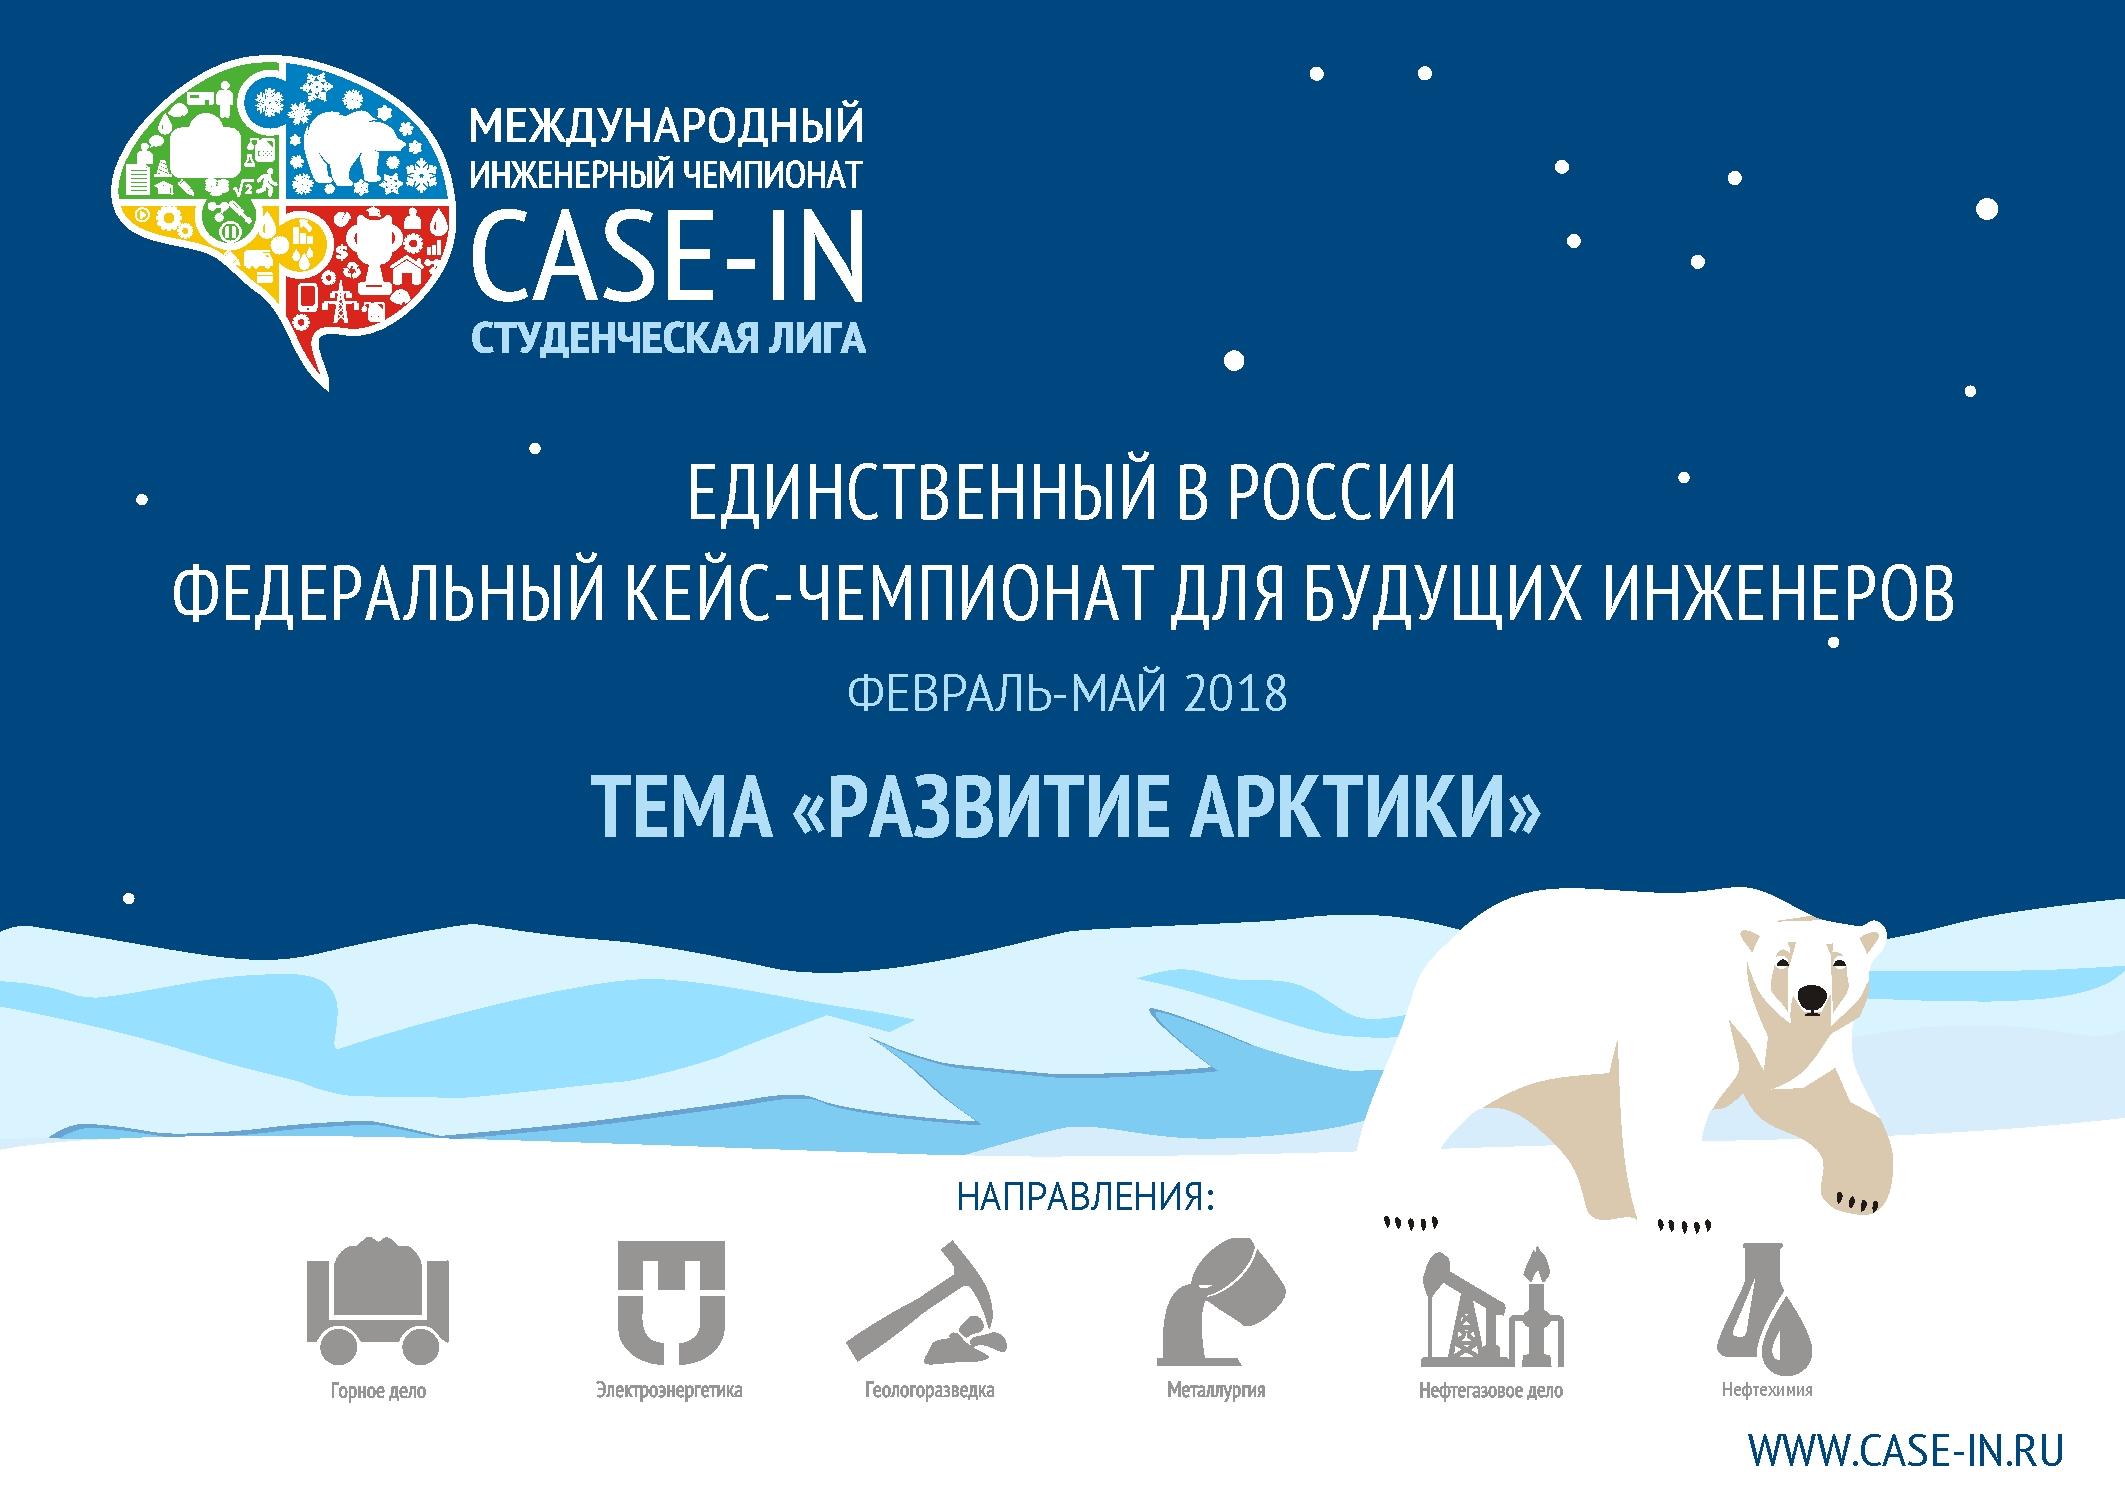 Международный инженерный чемпионат «CASE-IN» открывает новый сезон!